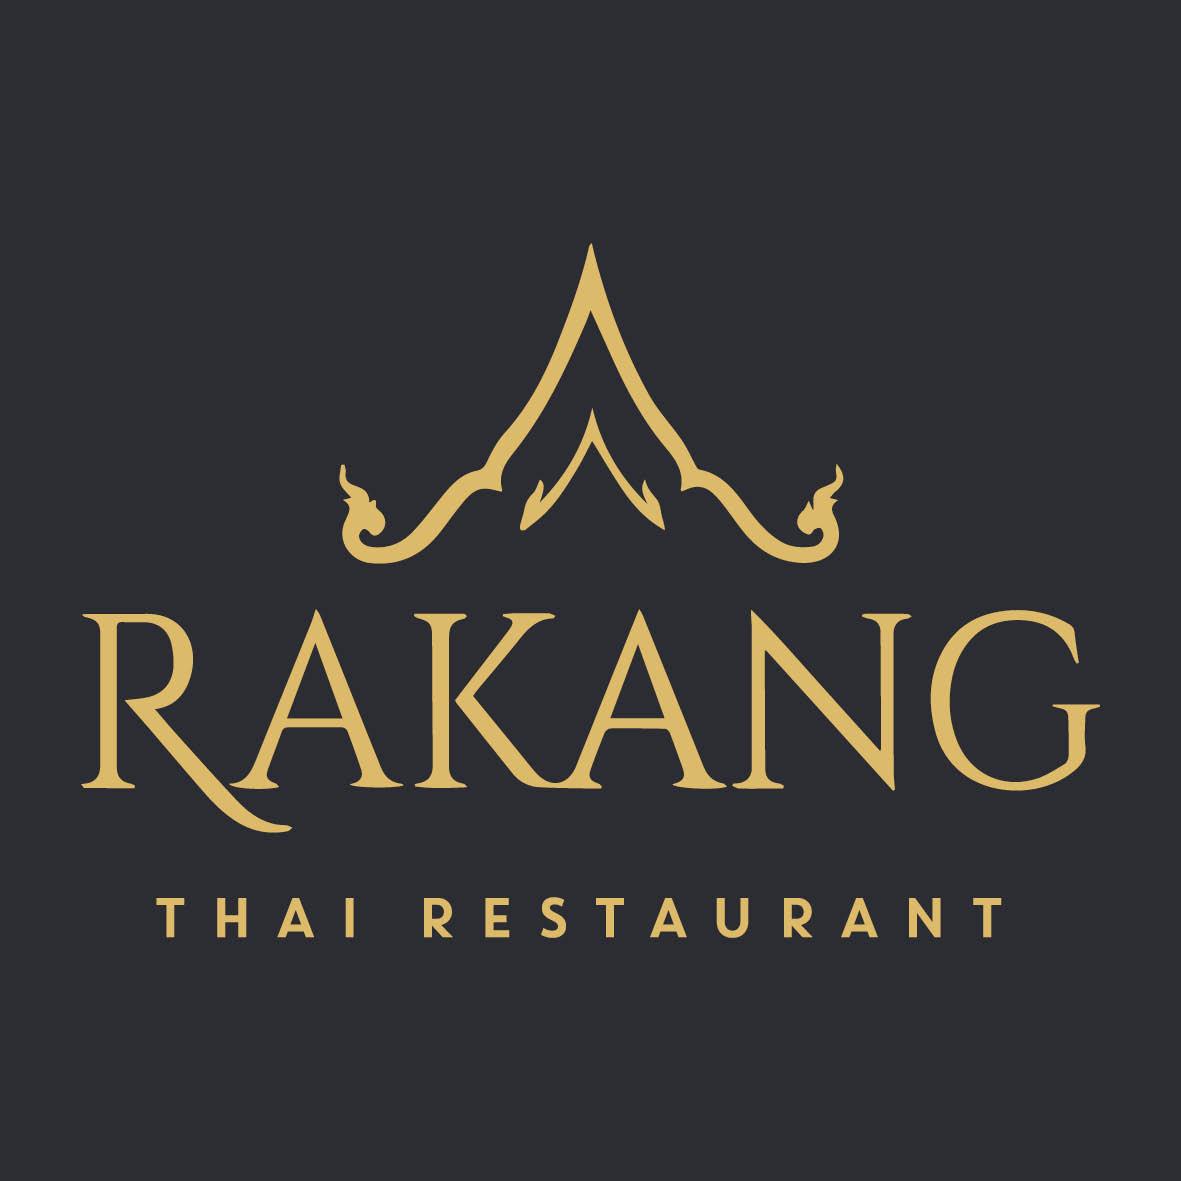 Rakang og Blasteinn logo.jpg